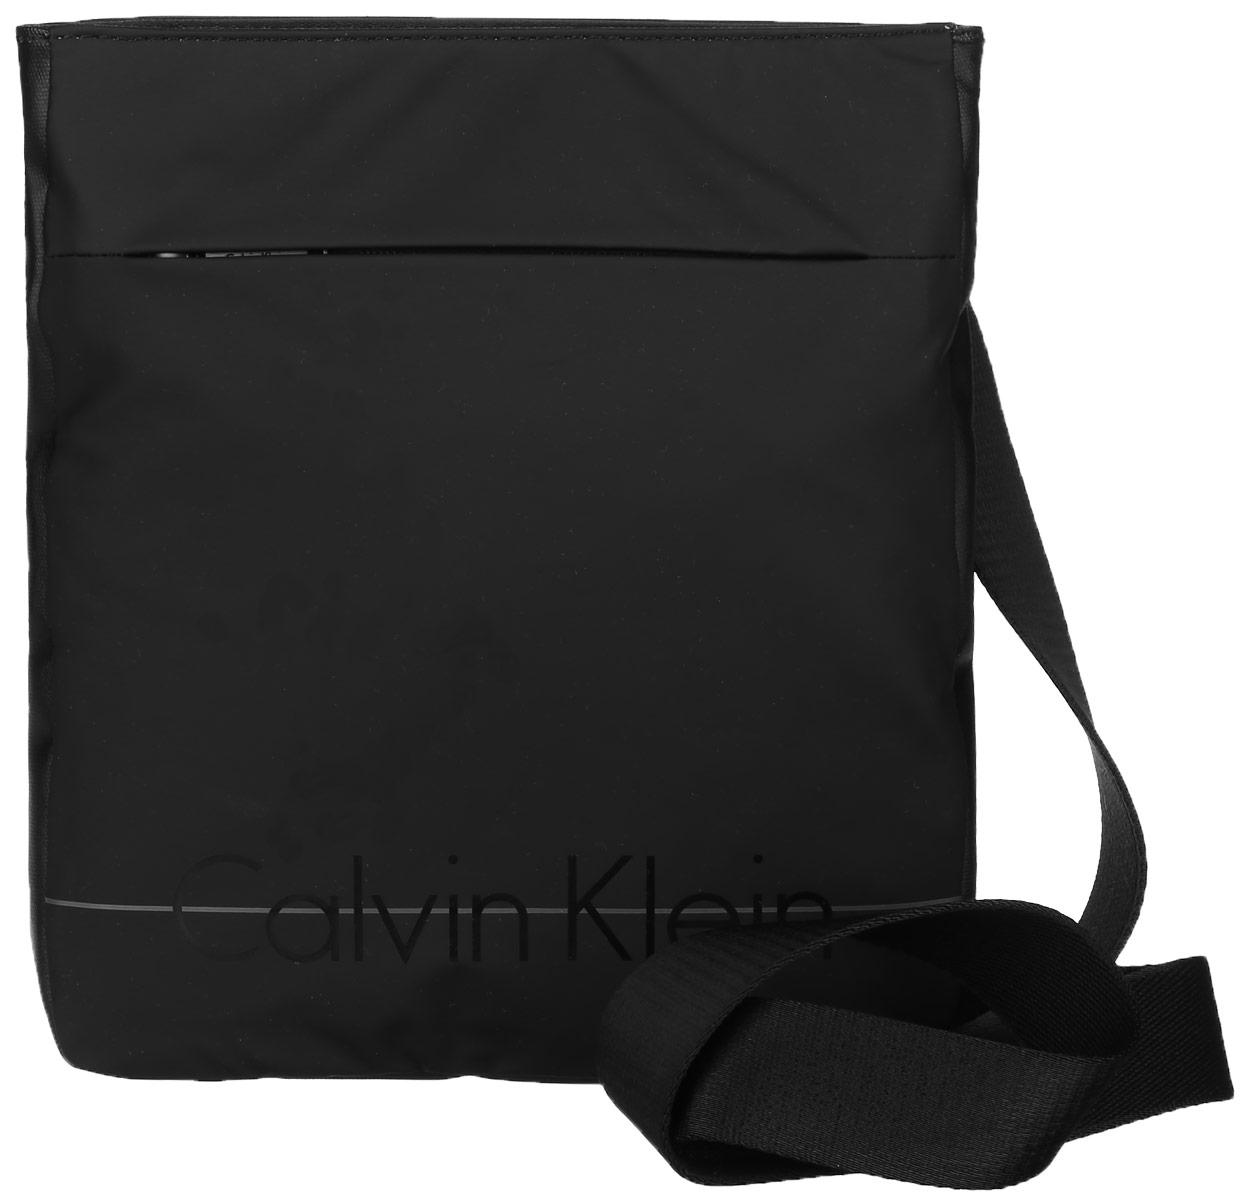 Сумка мужская Calvin Klein Jeans, цвет: черный. K50K502044_0010K50K502044_0010Стильная сумка Calvin Klein не оставит вас равнодушным благодаря своему дизайну. Она изготовлена из качественного полиуретана и оформлена надписью с названием бренда. На лицевой стороне расположен вшитый карман на молнии. Тыльная сторона дополнена текстильной противоударной вставкой. Сумка оснащена удобным плечевым ремнем, длину которого можно регулировать с помощью пряжки. Изделие закрывается на удобную молнию. Внутри расположено главное отделение, которое содержит один открытый накладной карман. Такая сумка станет незаменимой вещью в вашем гардеробе.